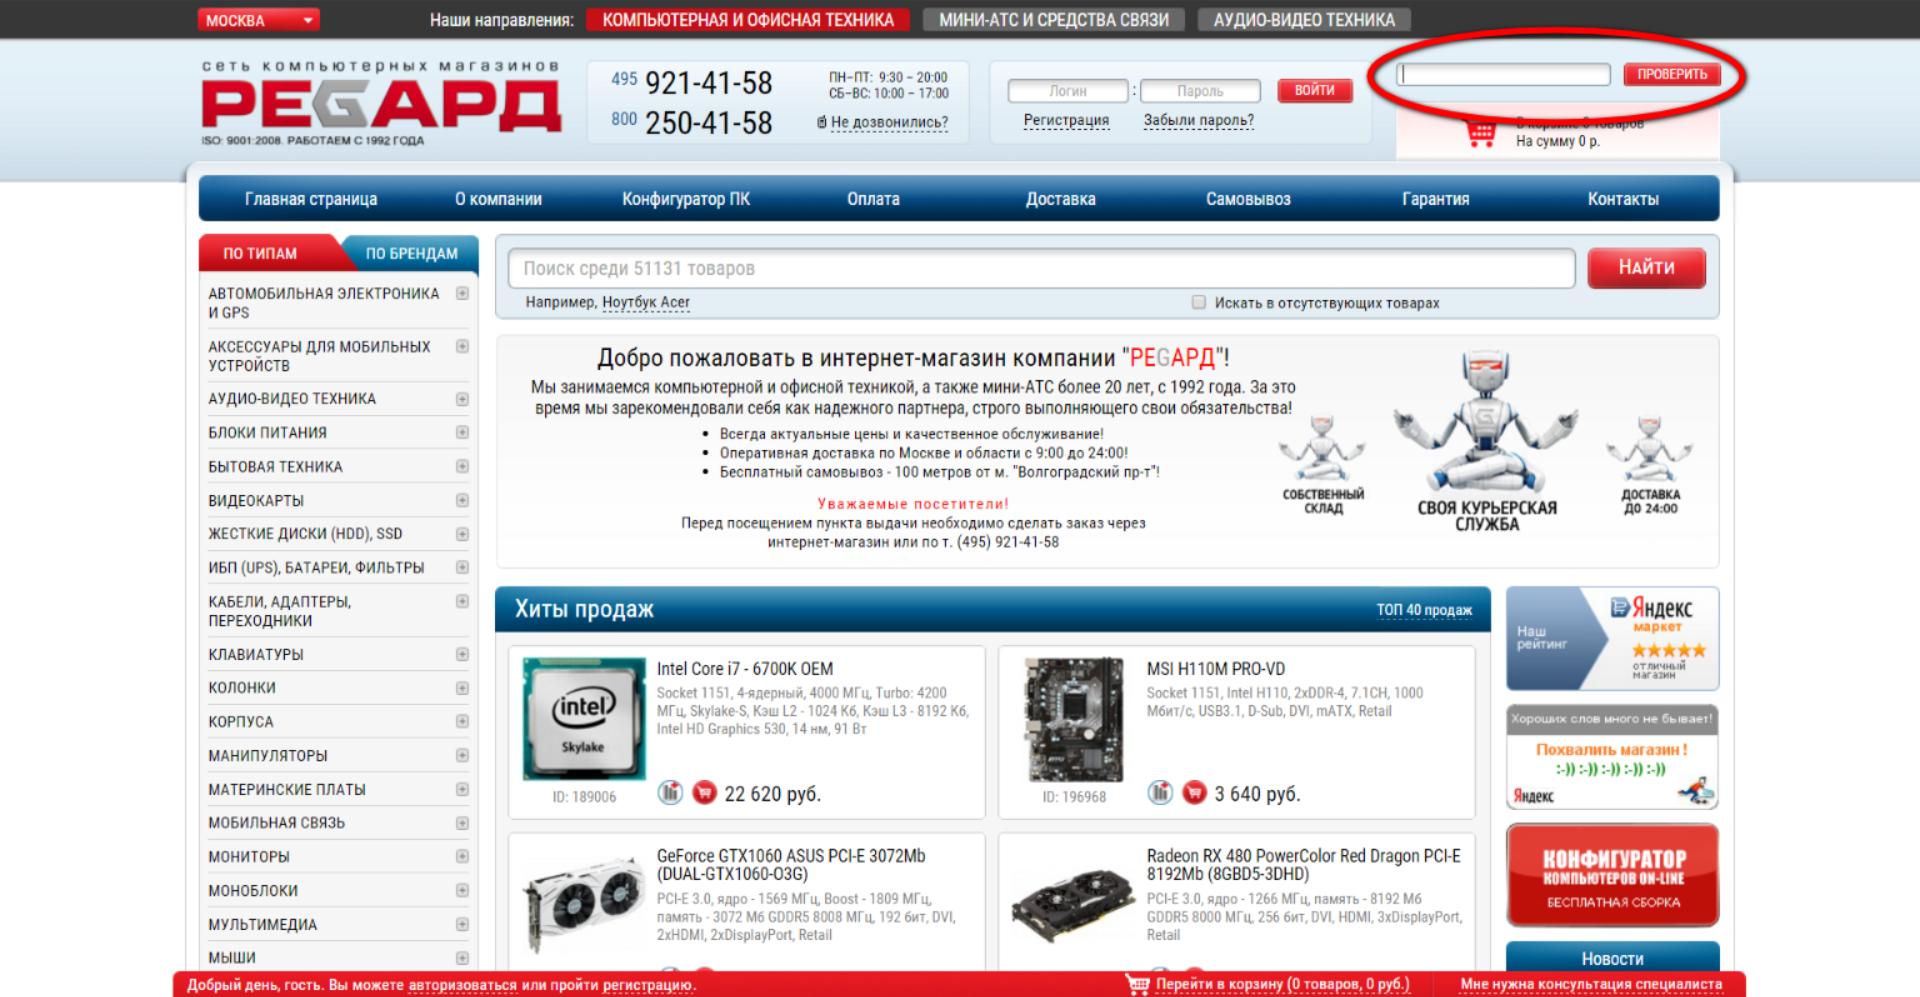 Интернет Магазин Москвы